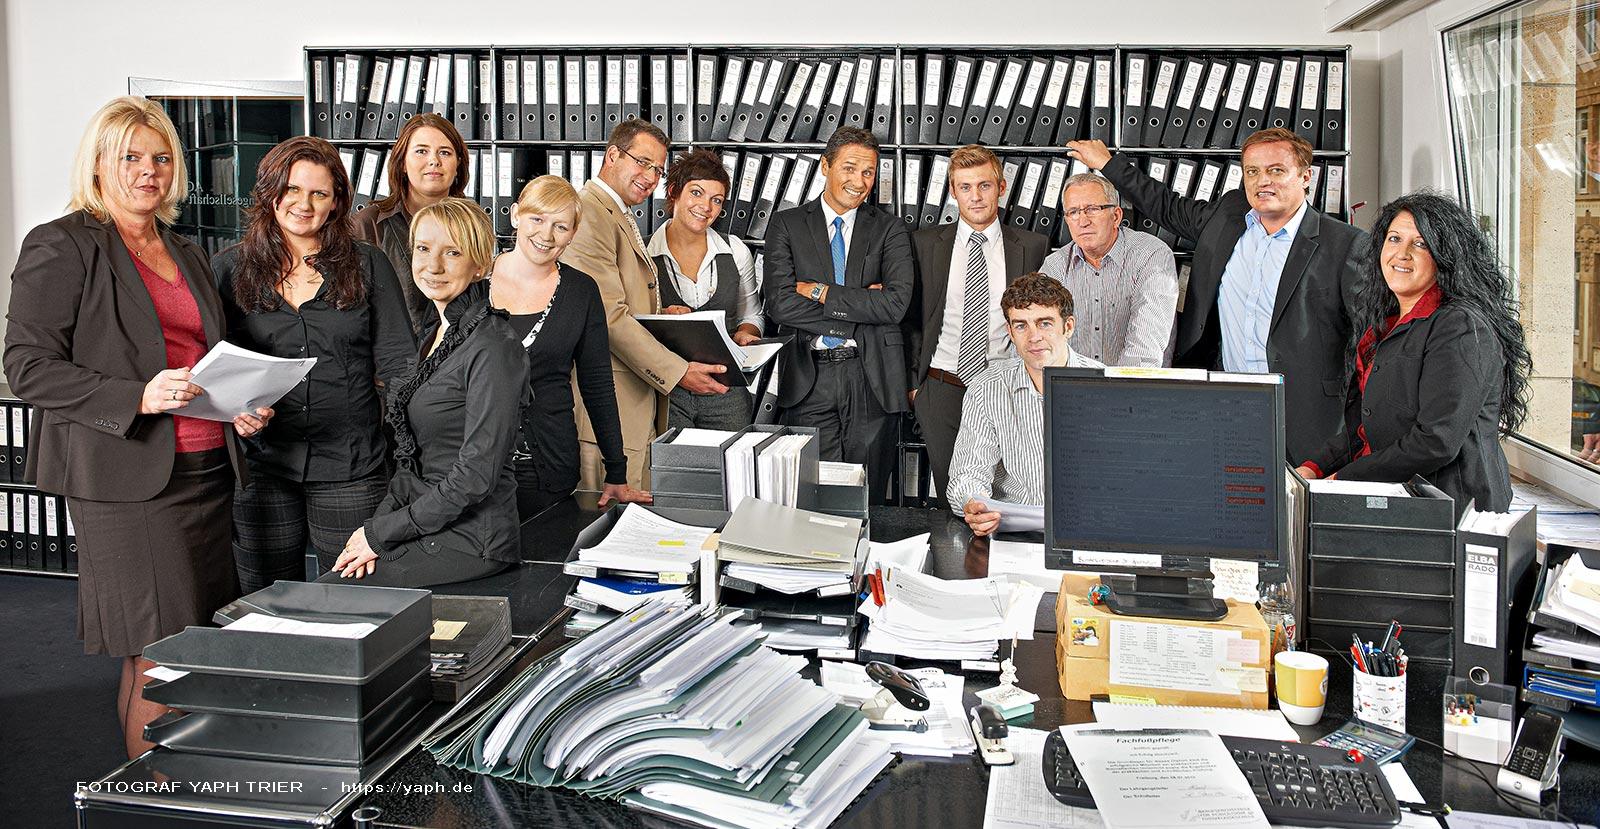 Business Fotografie und Teamfotos, Fotografie Yaph Trier